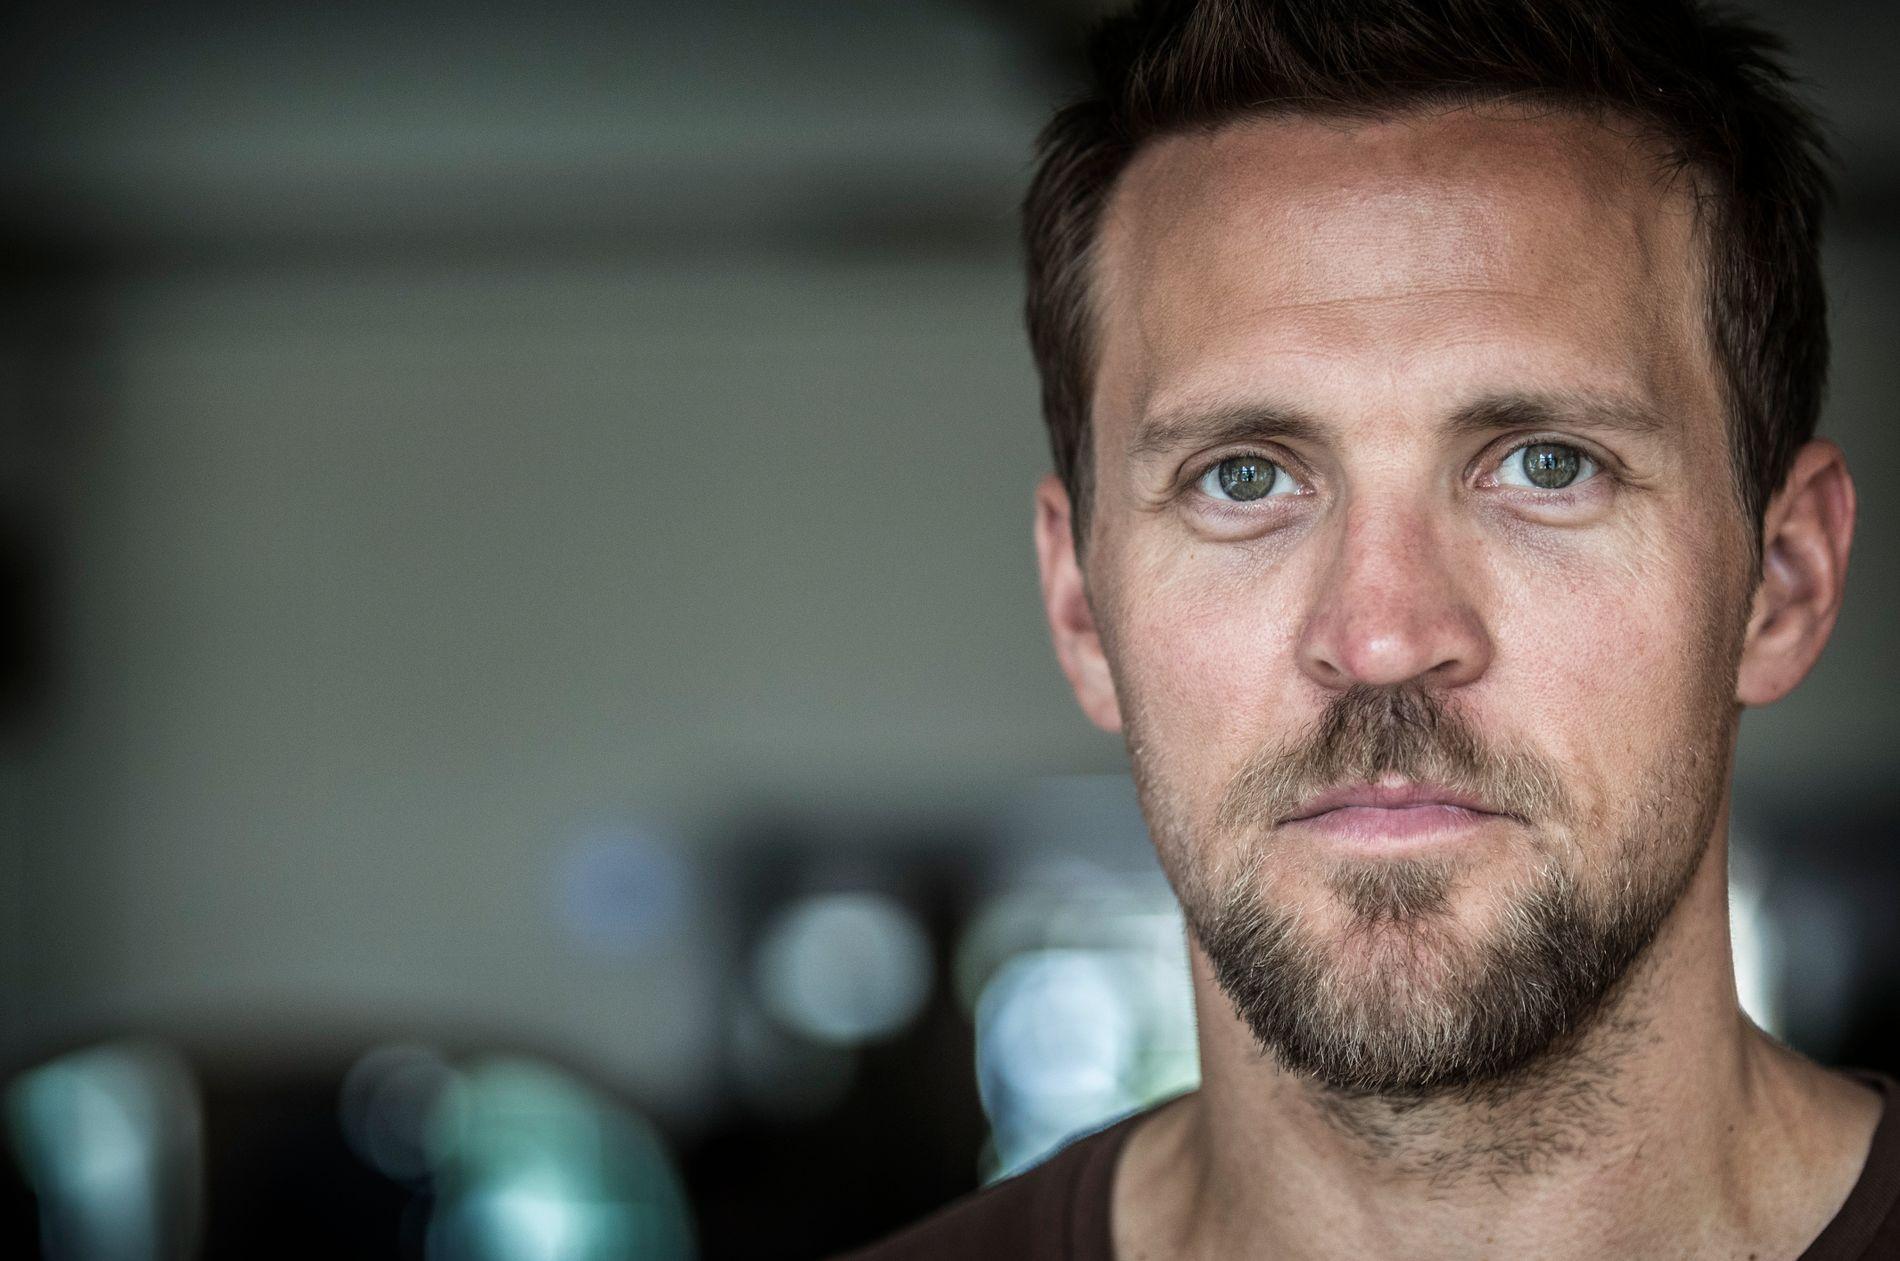 KLAR FOR HOVEDROLLE: Tobias Santelmann på innspilling av «Grenseland», en ny krimserie på TV 2.